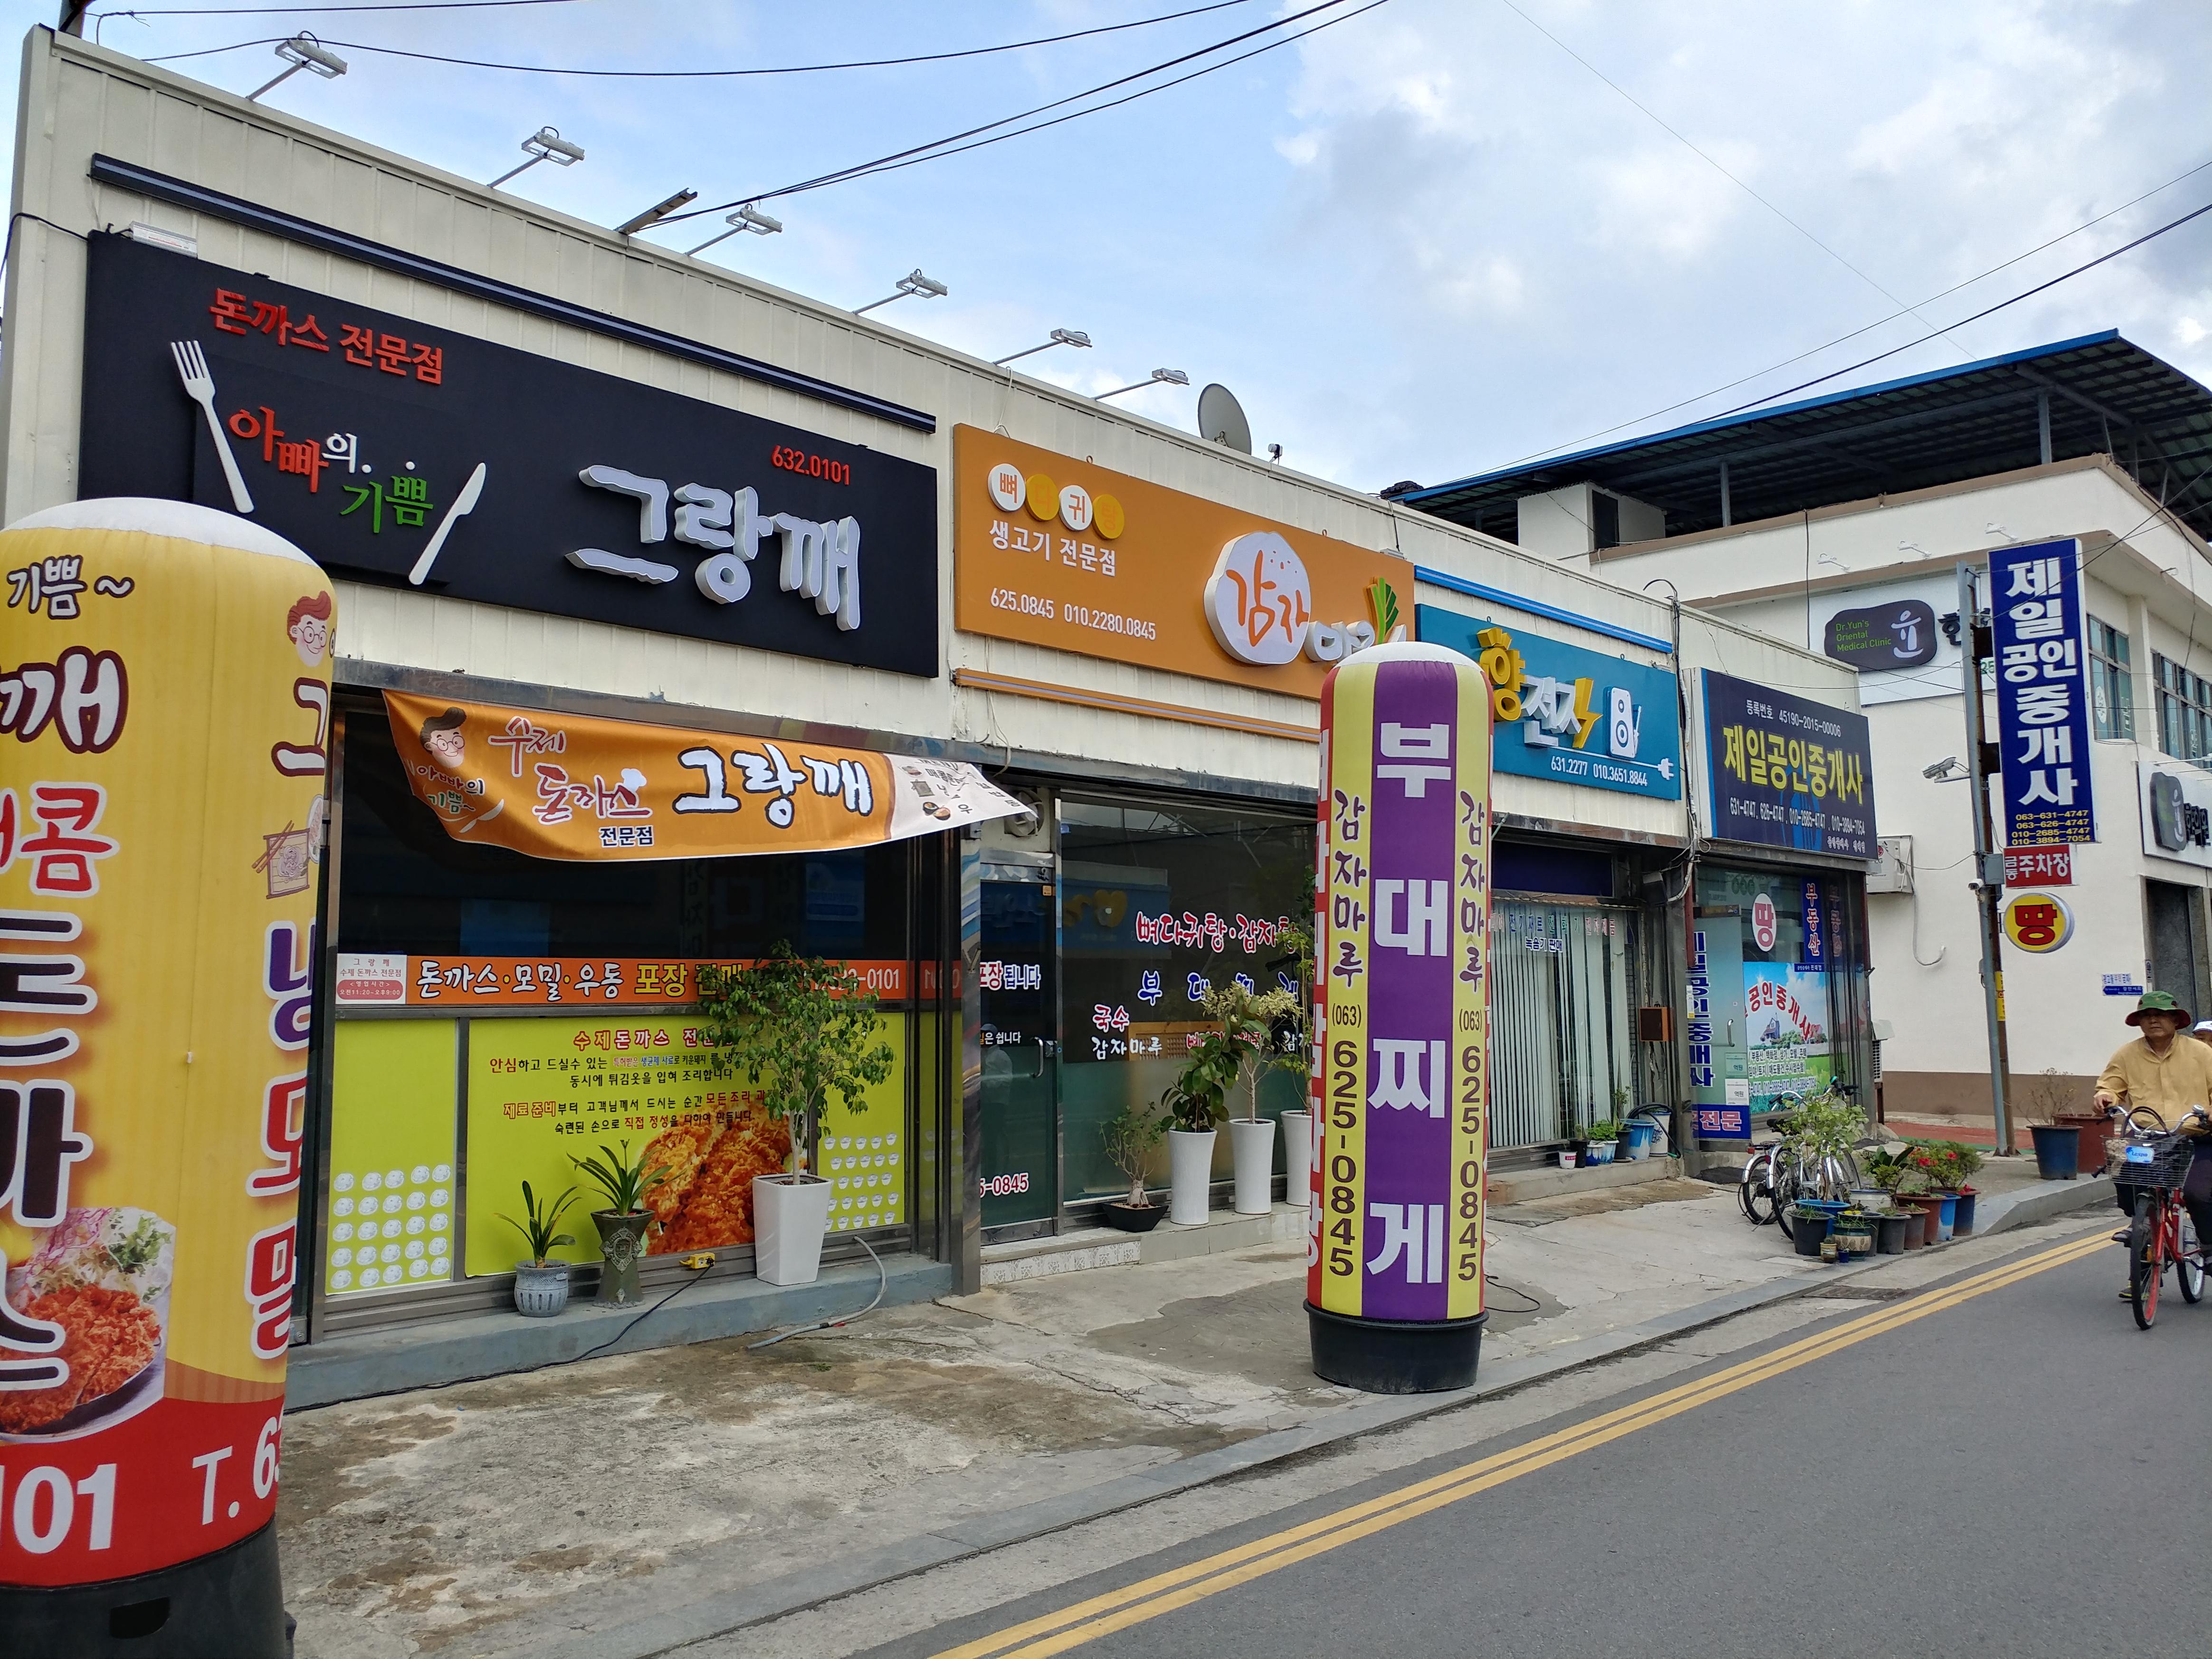 남원 광한루 간판개선사업 07